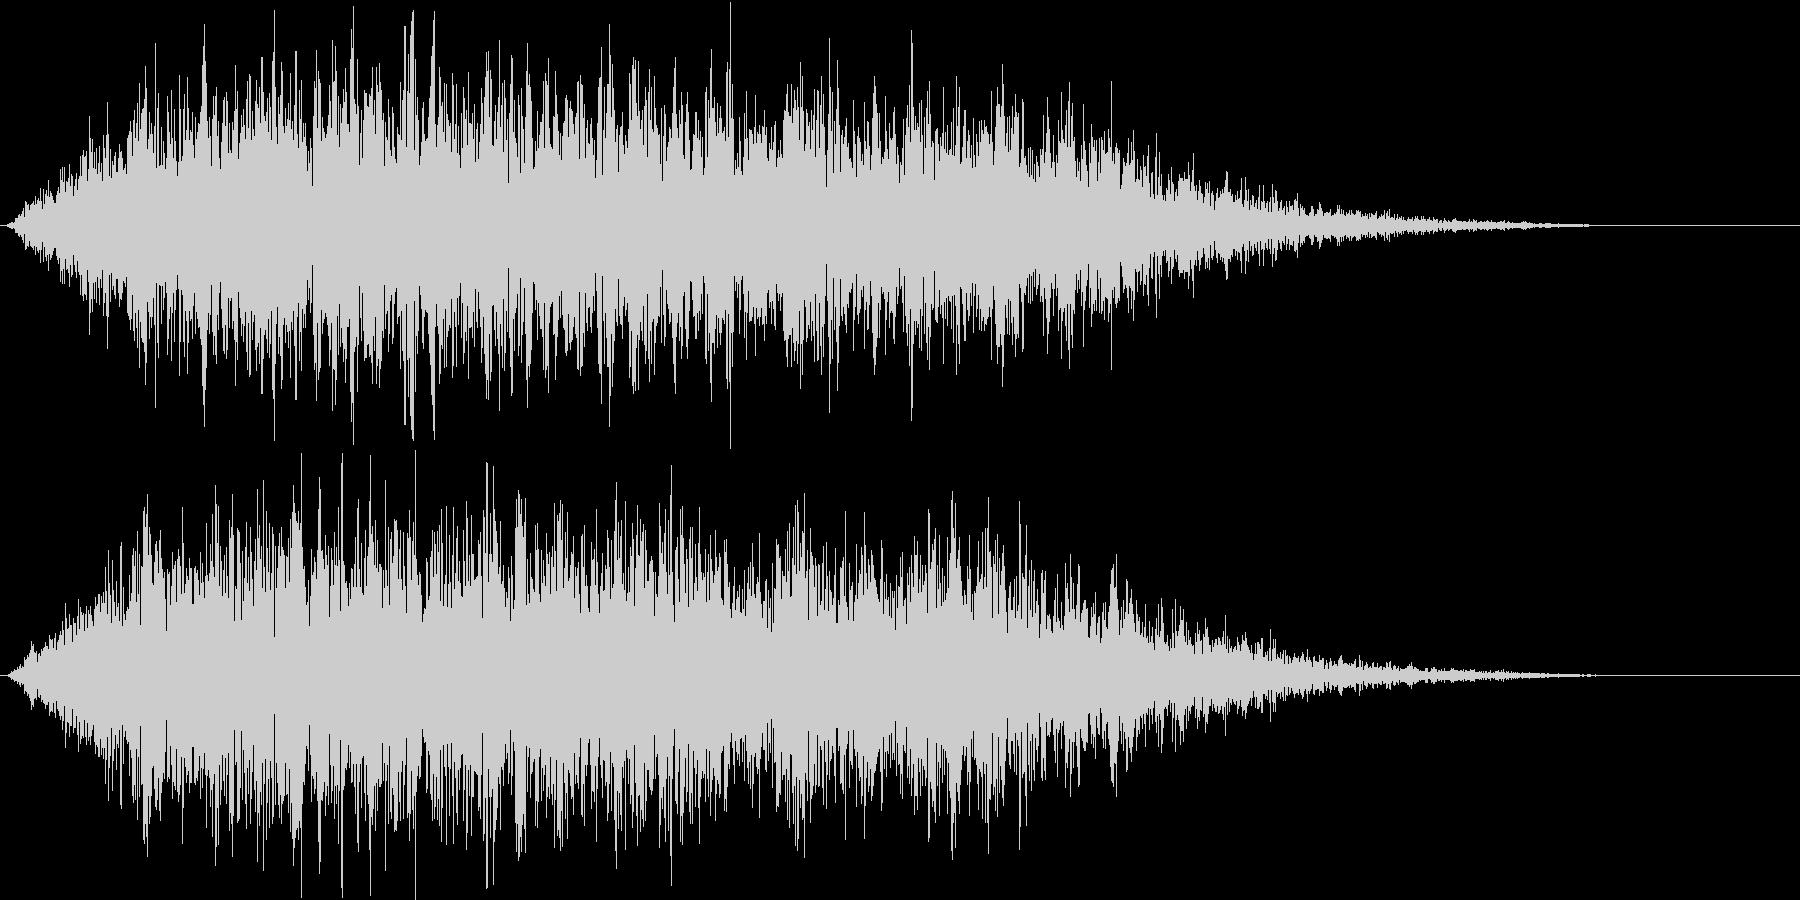 ゴォォォォォ(地下通路の効果音)の未再生の波形